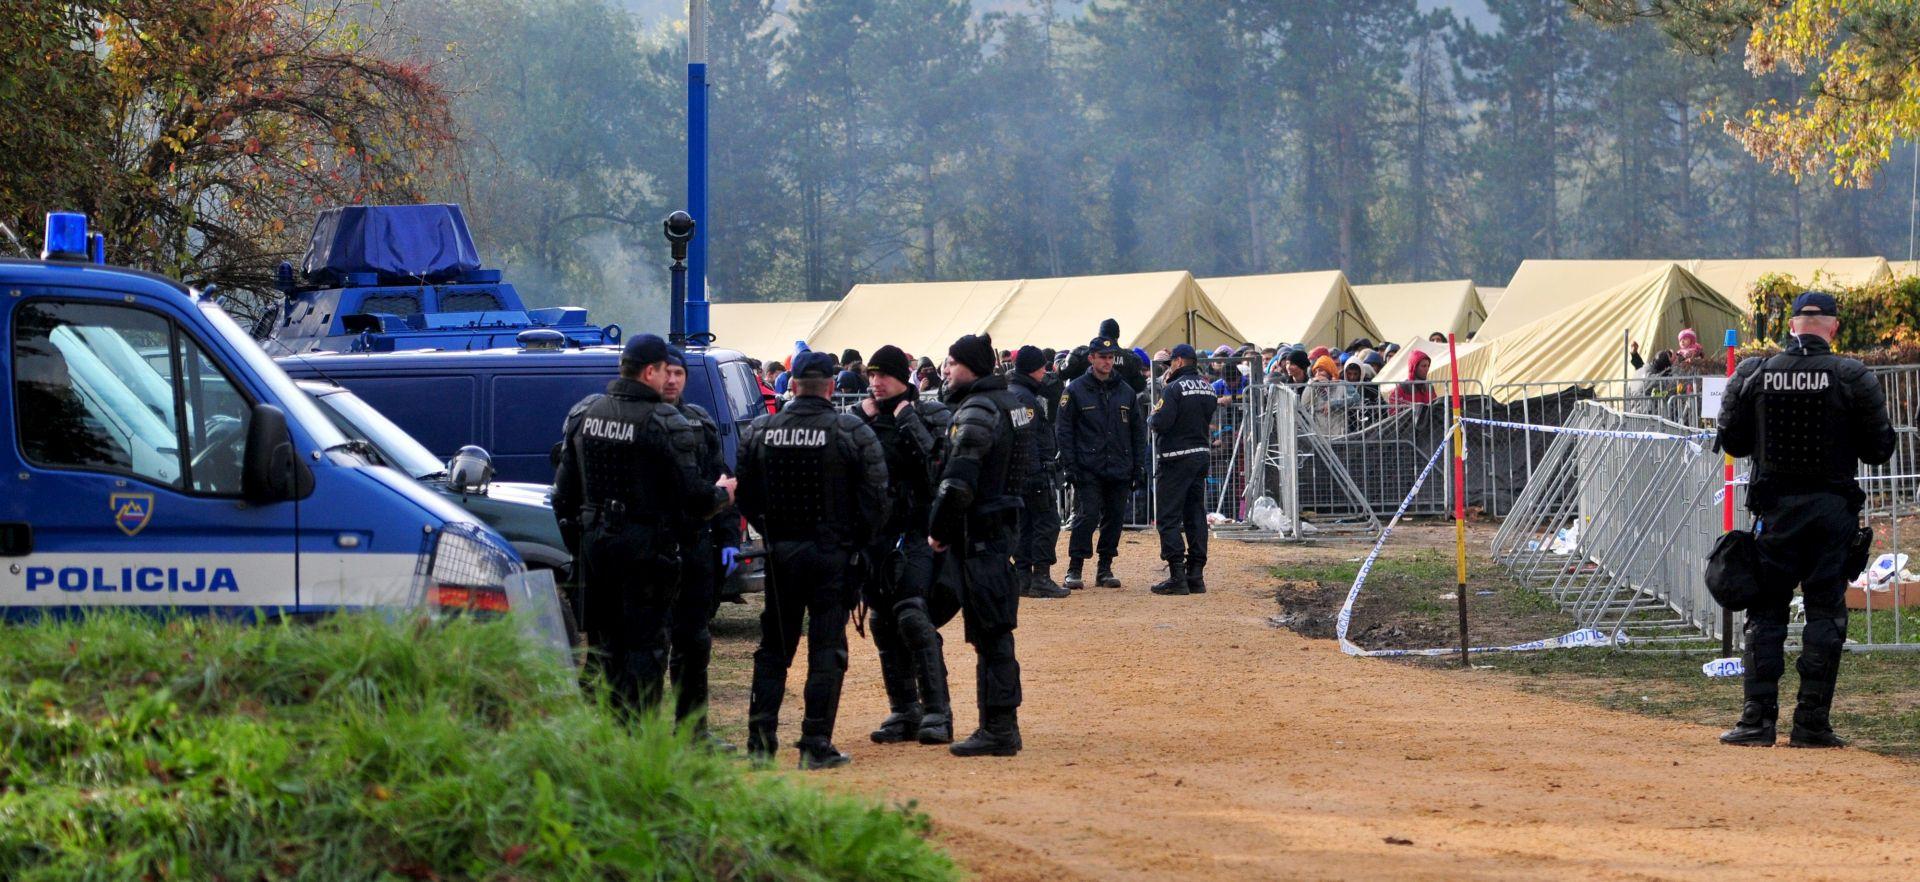 Slovenija: U svađi među migrantima jedan ranjen nožem